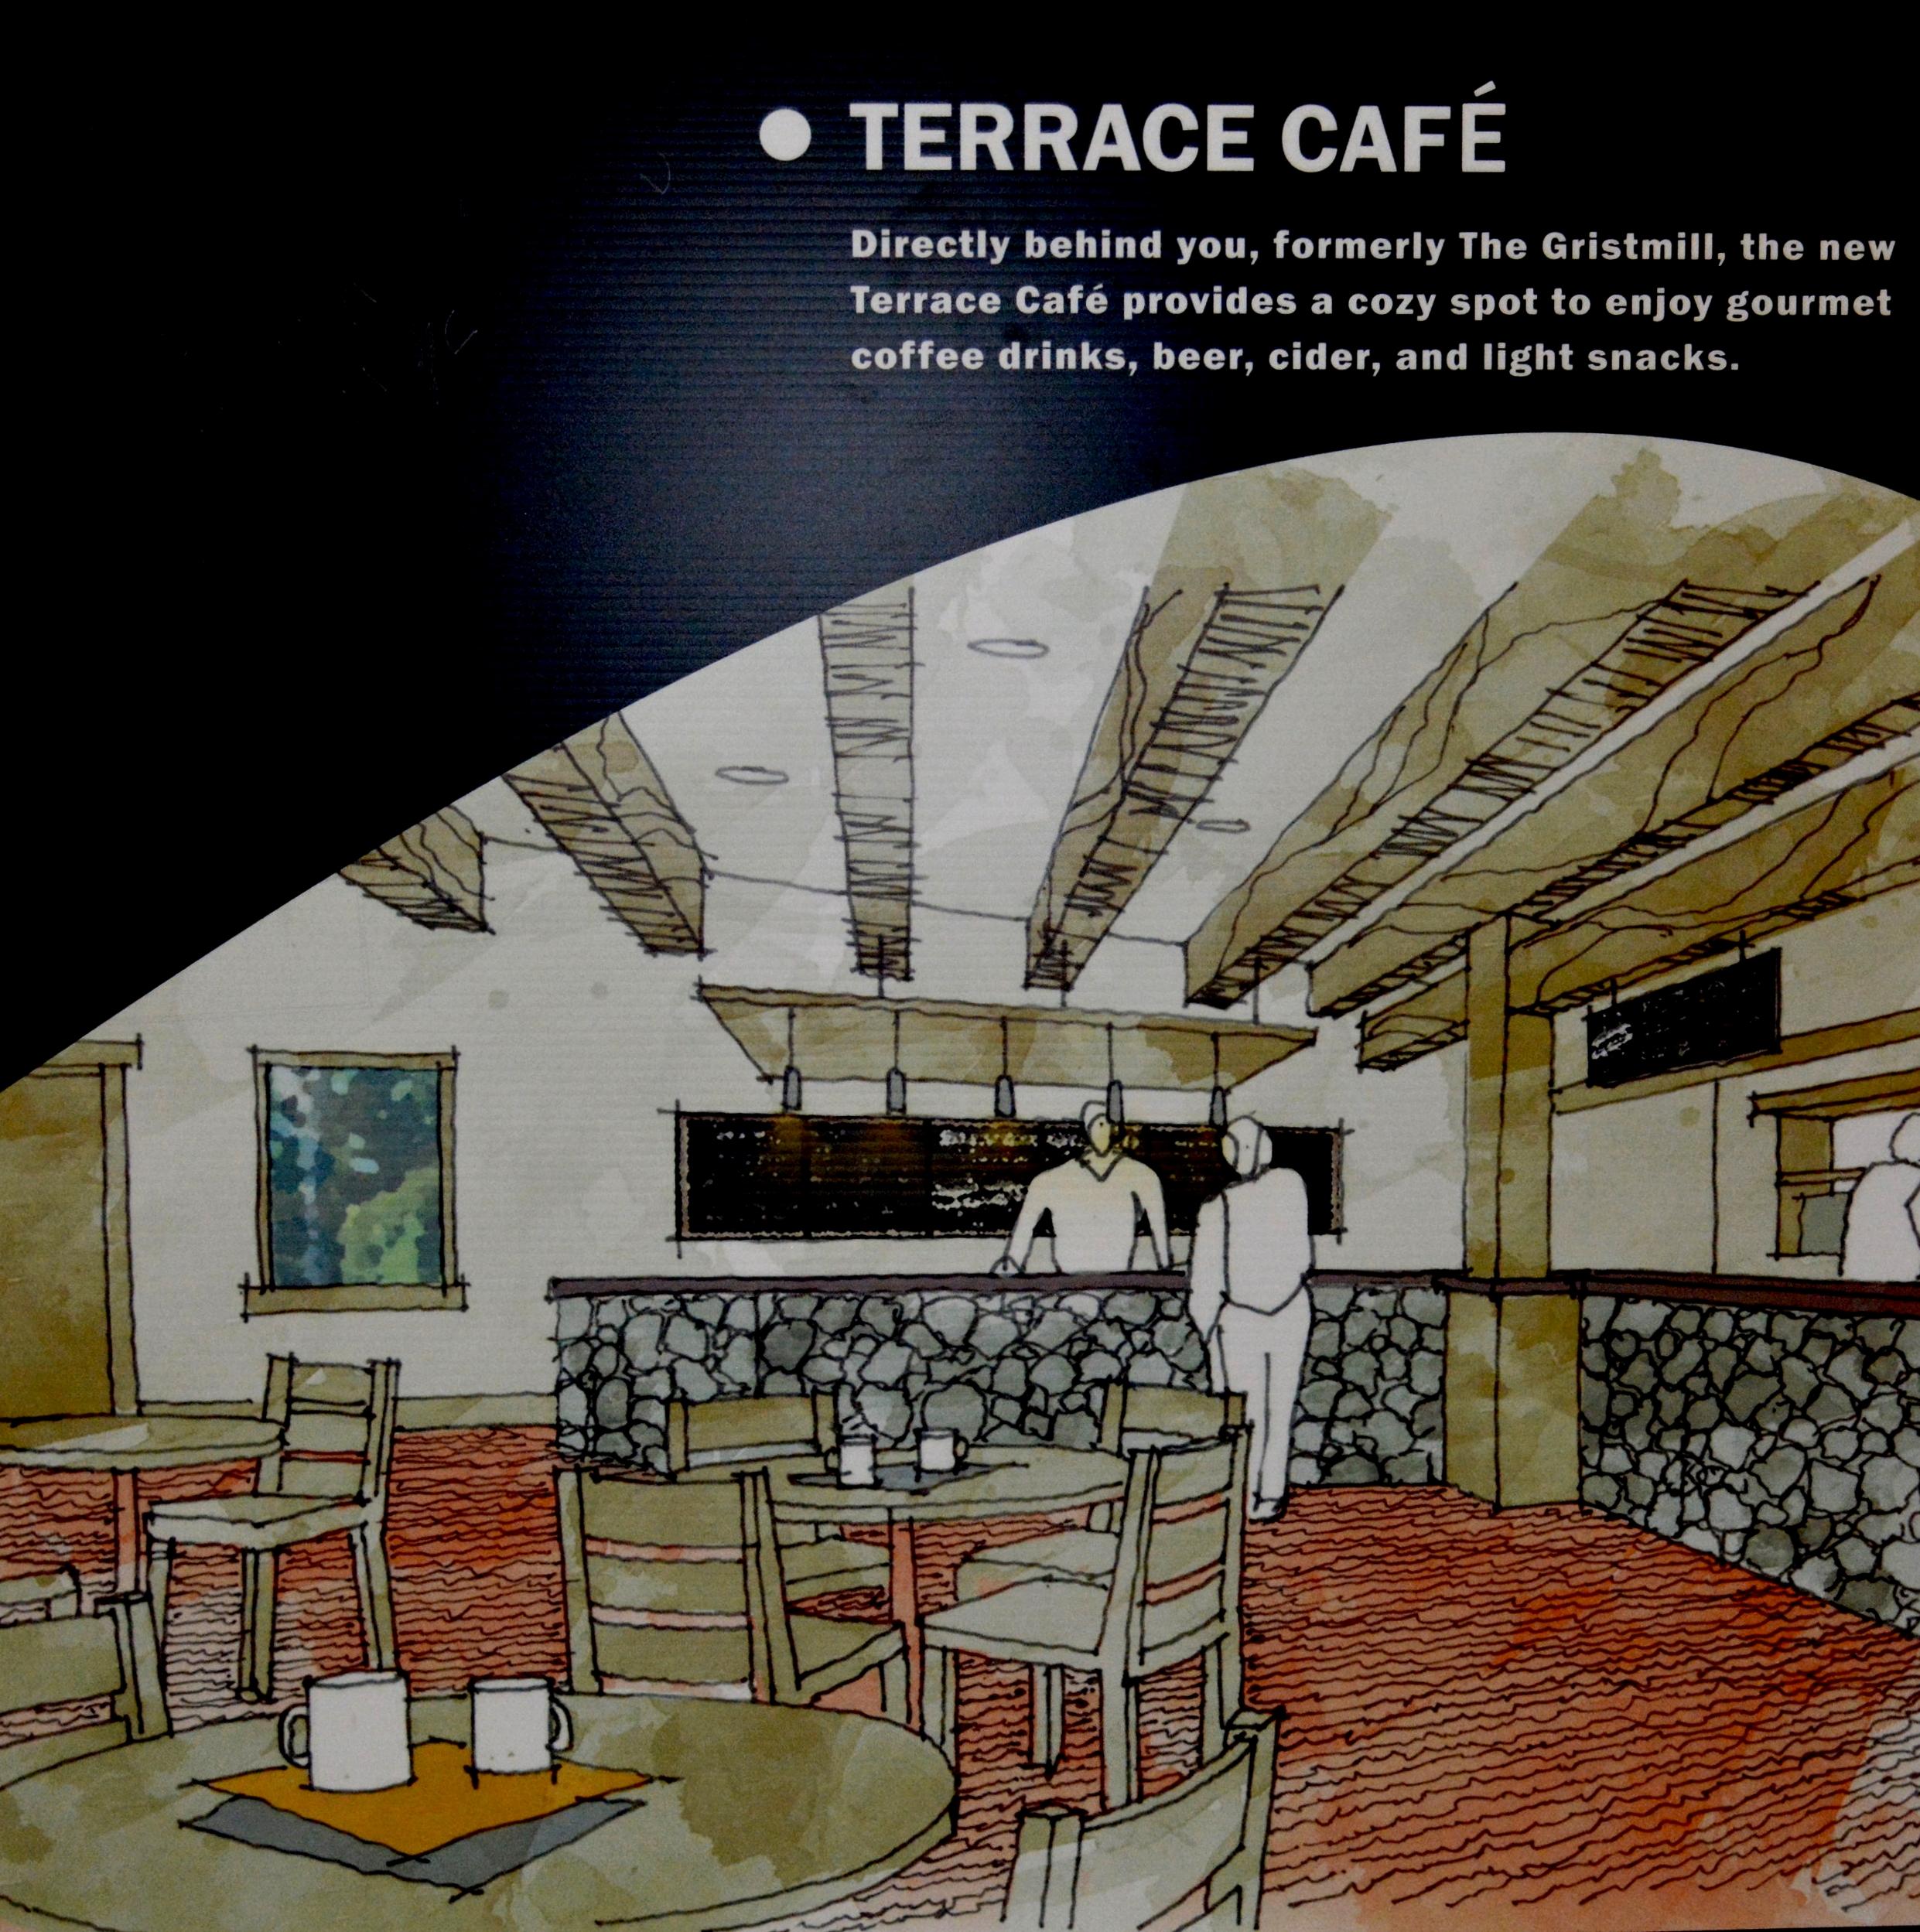 terrace cafe poster 1.JPG